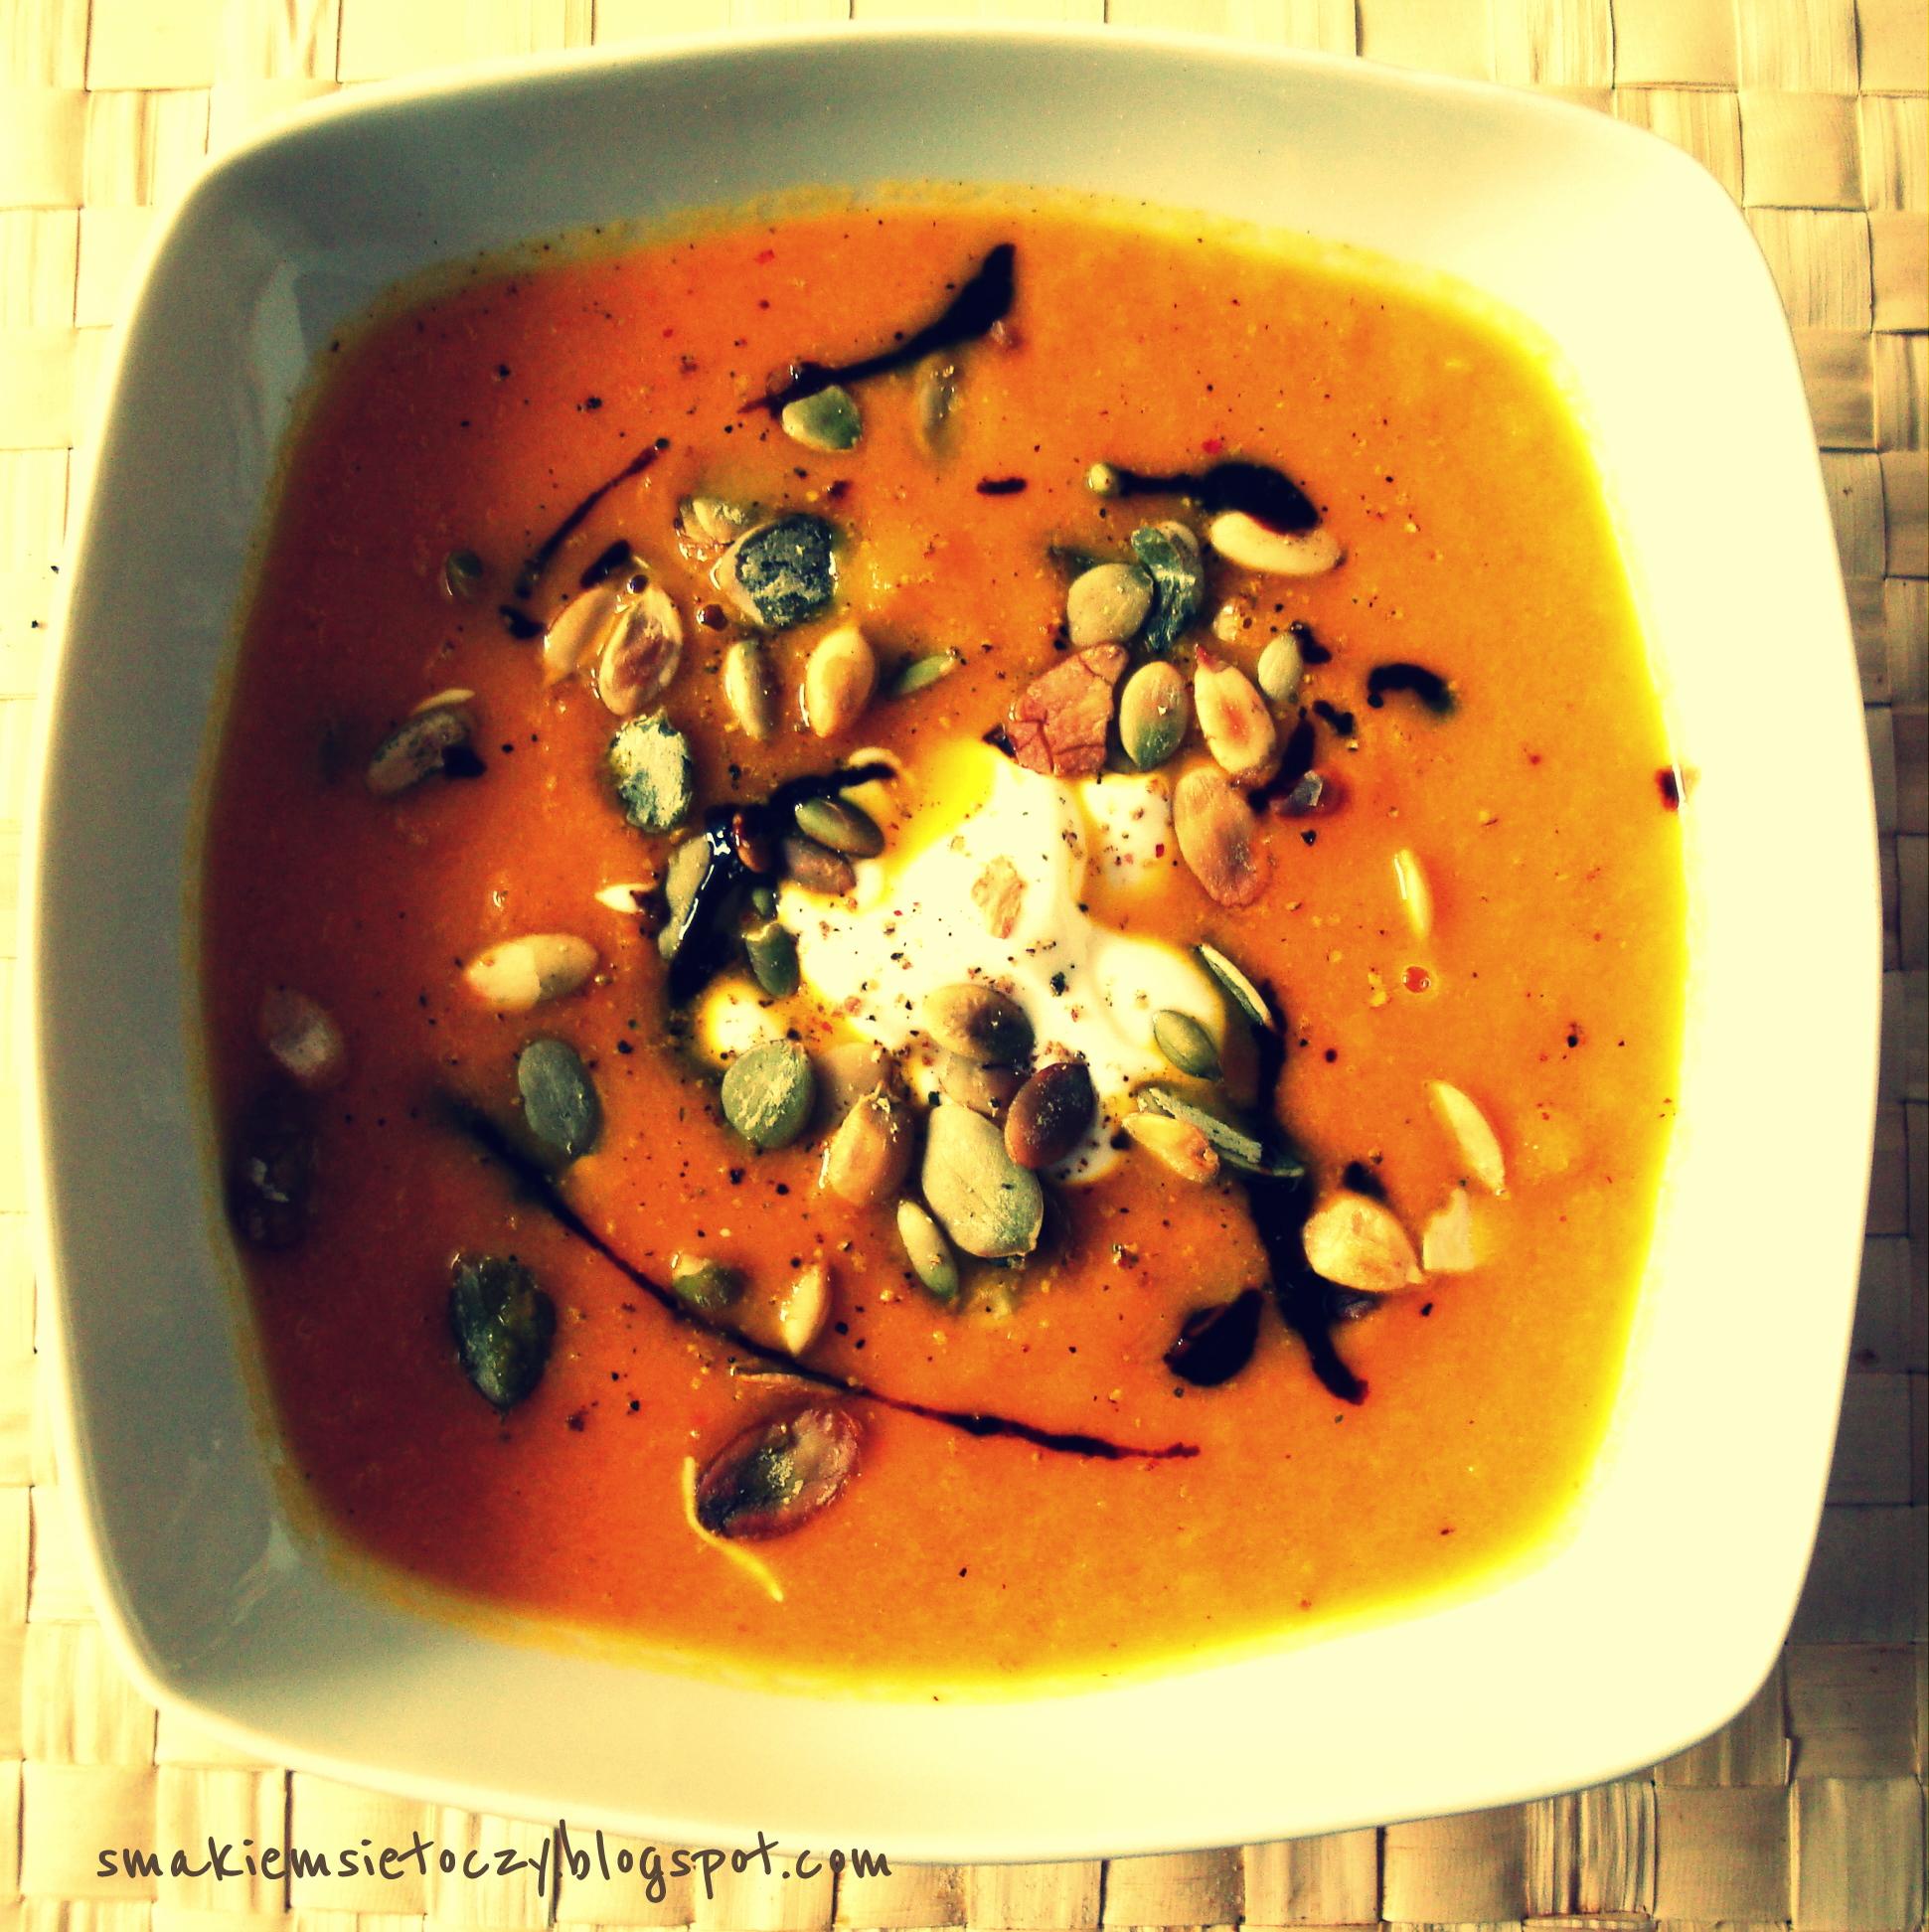 Zupa-krem z marchwi z pomarańczą i imbirem